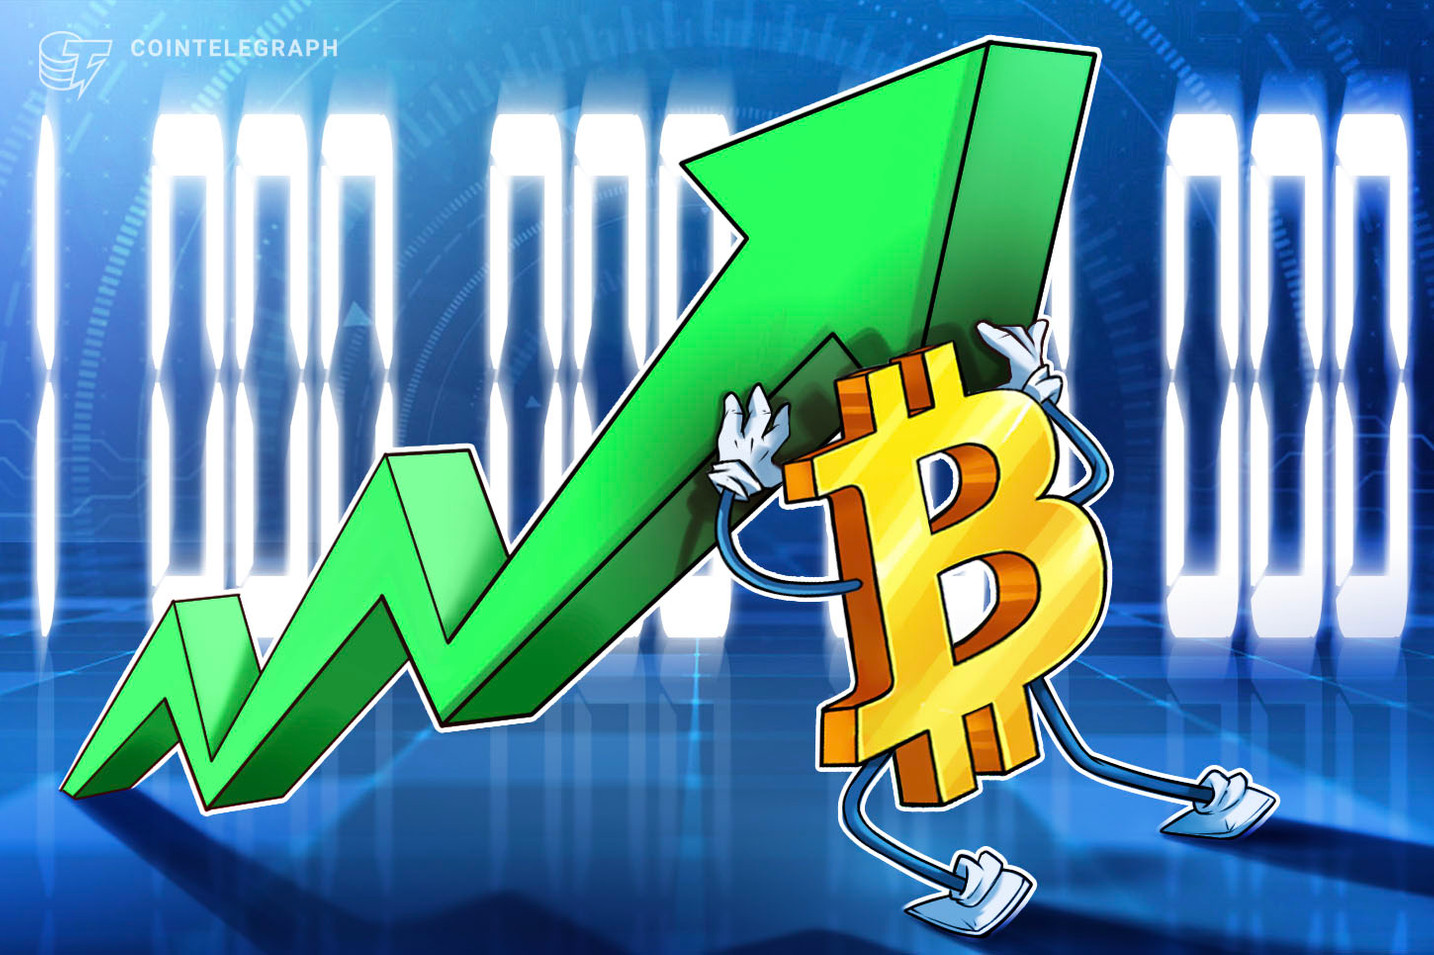 仮想通貨ビットコイン、時価総額が1兆ドルを突破 | 1年足らずで900%以上の成長